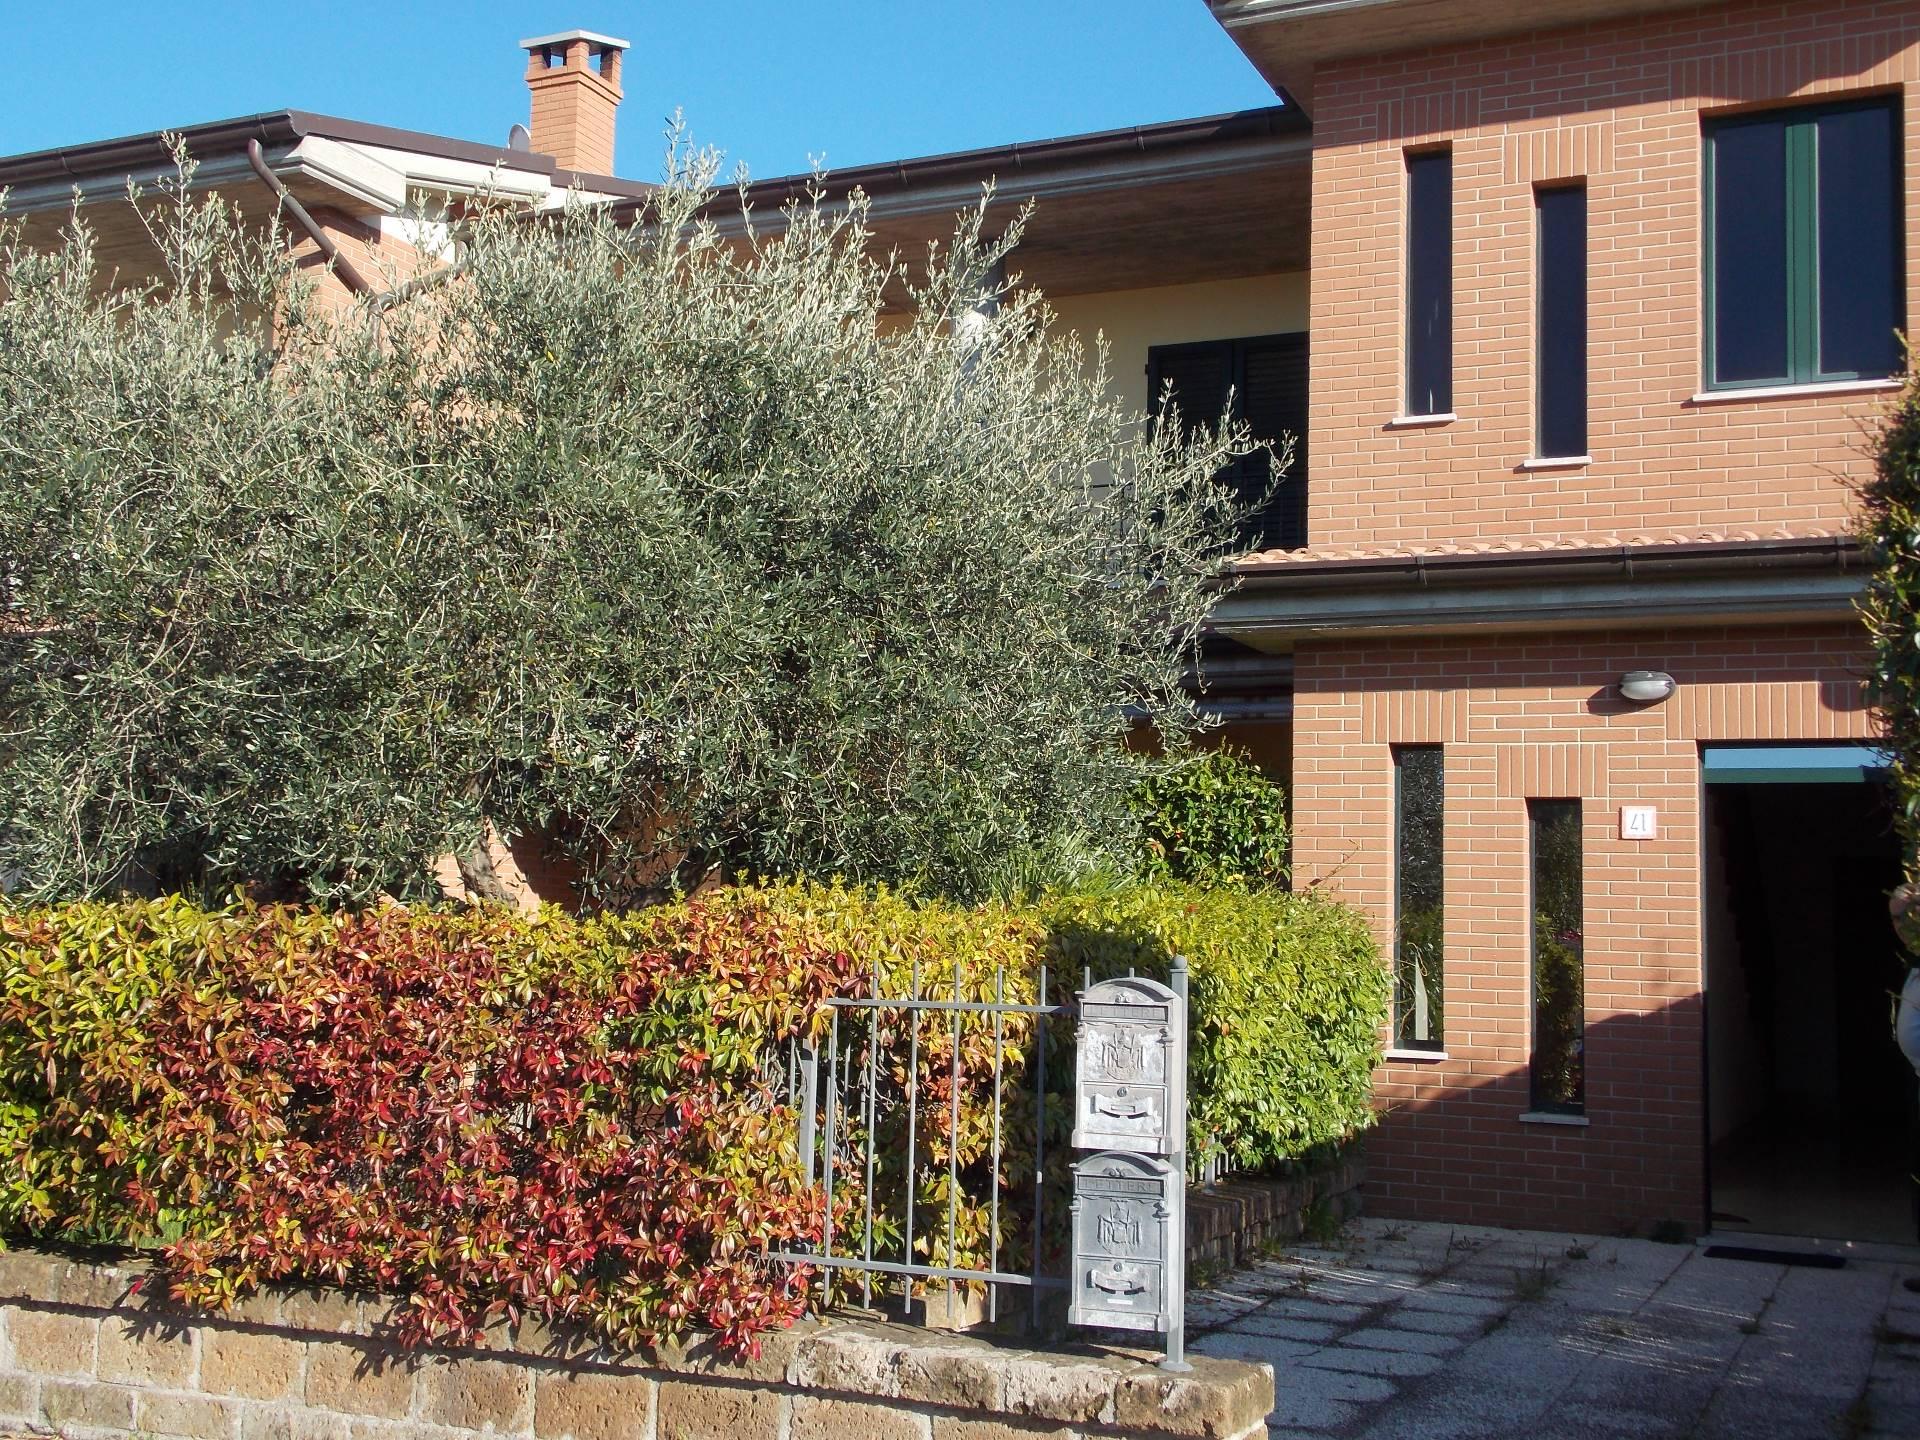 Appartamento in vendita a Cupra Marittima, 4 locali, zona Località: Collinare, prezzo € 190.000 | Cambio Casa.it